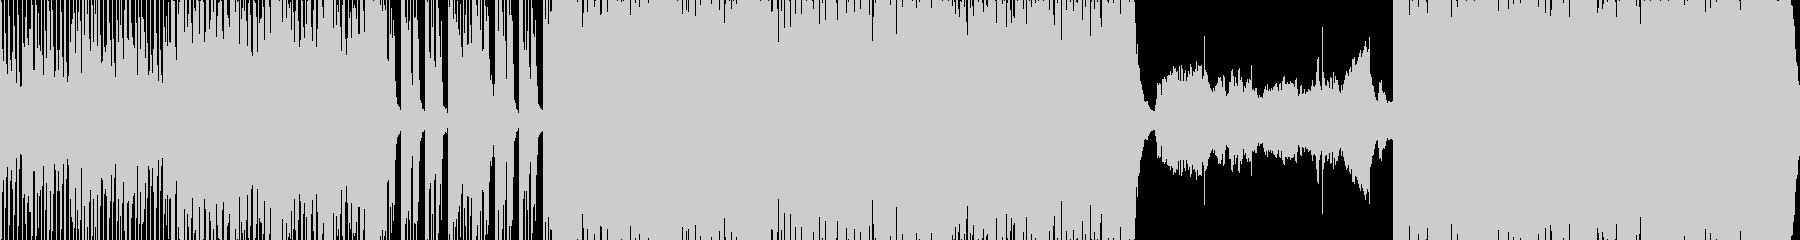 ダンサブルな和風三味線曲ループの未再生の波形